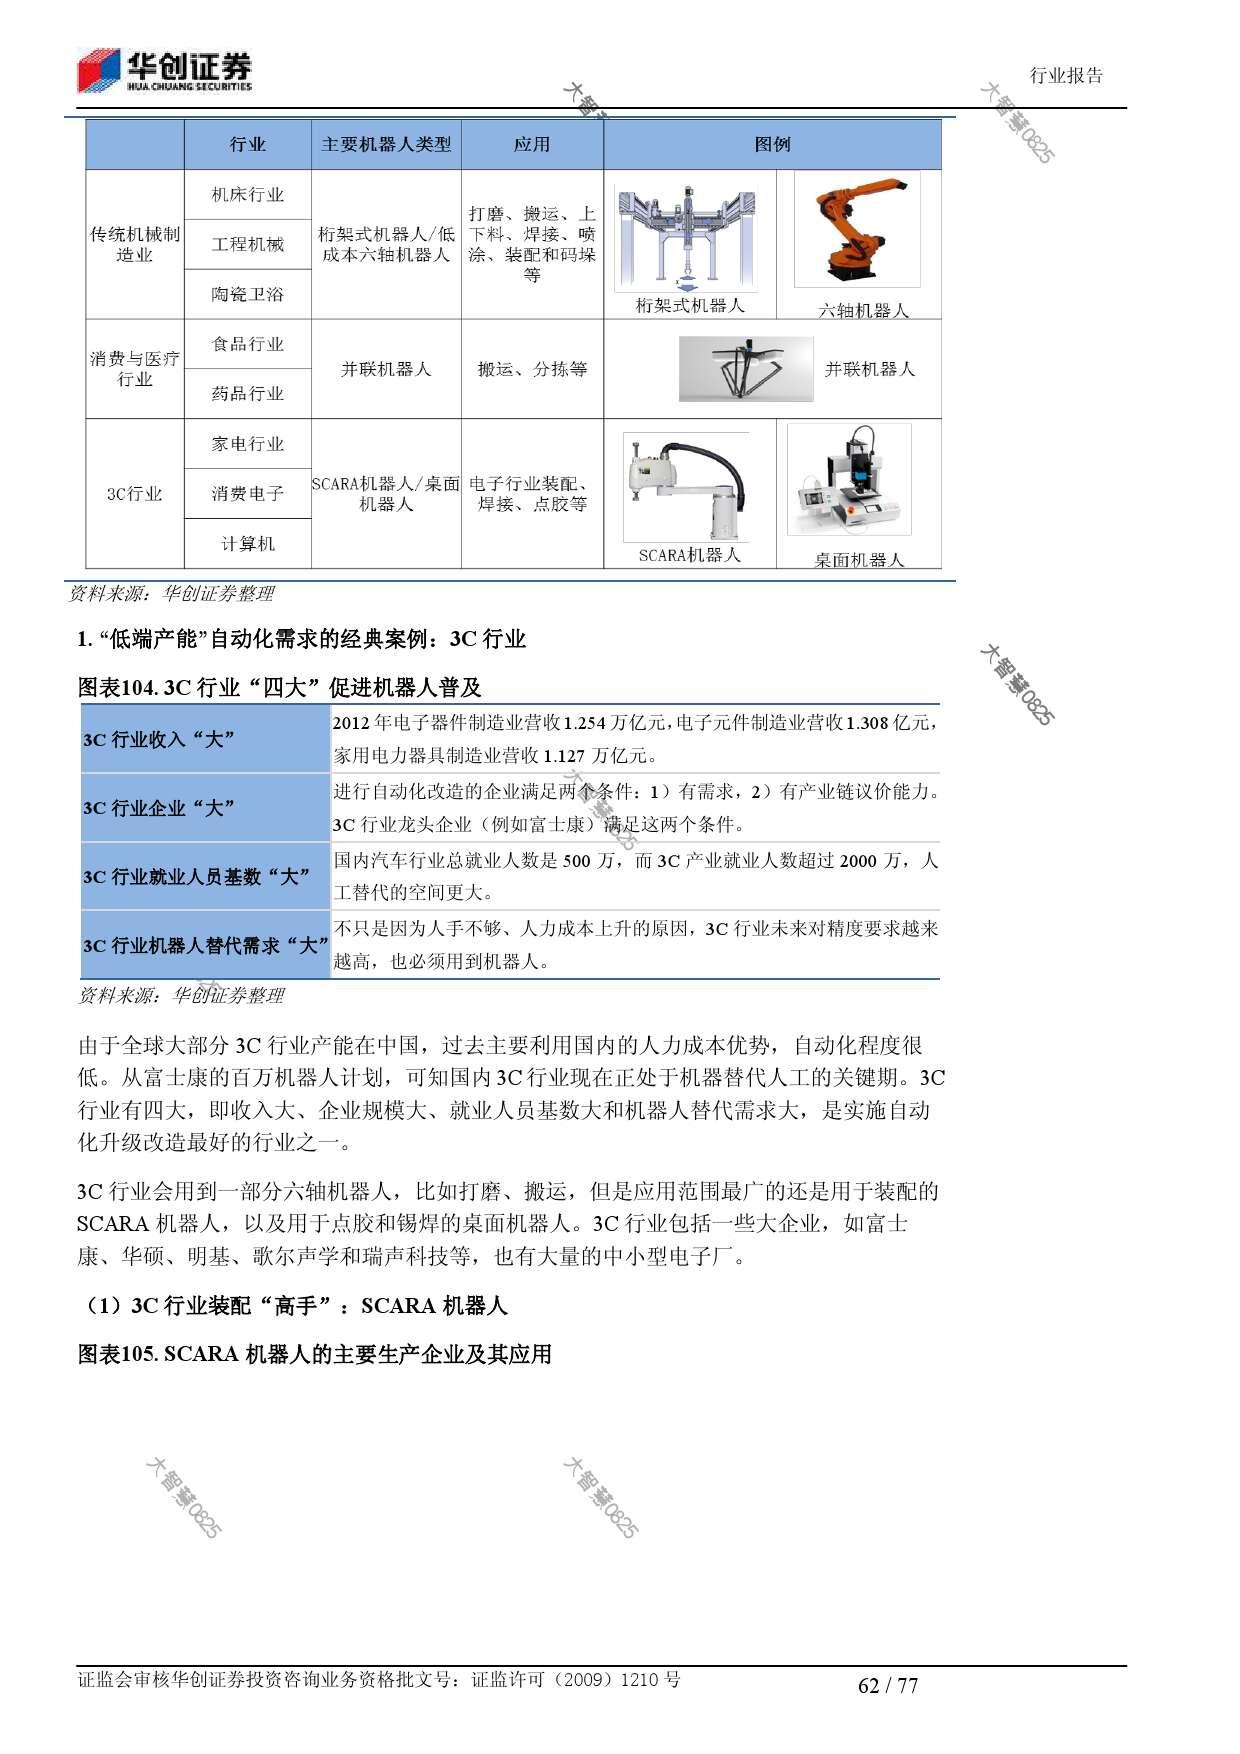 行业研究_华创证券_刘国清,鲁佩_机械设备:机器人大趋势_2014021_000062